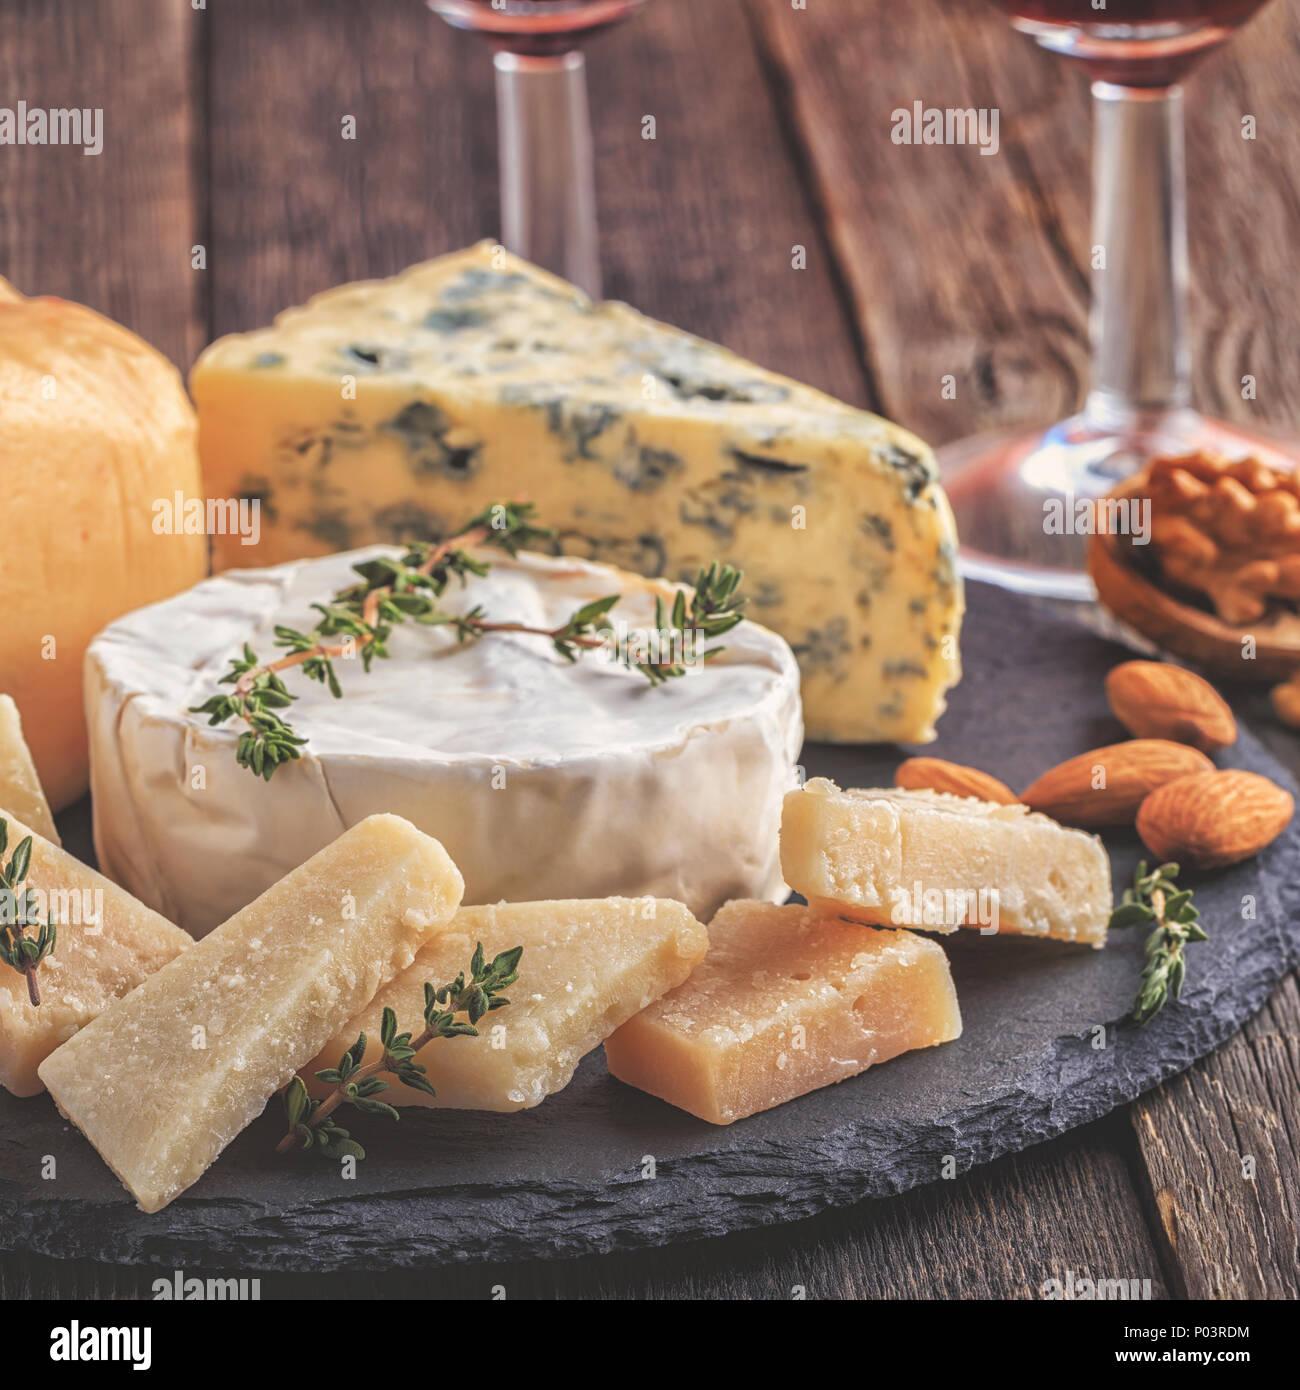 Käse, Nüsse, Honig und Rotwein auf Holz- Hintergrund, selektive konzentrieren. Stockbild